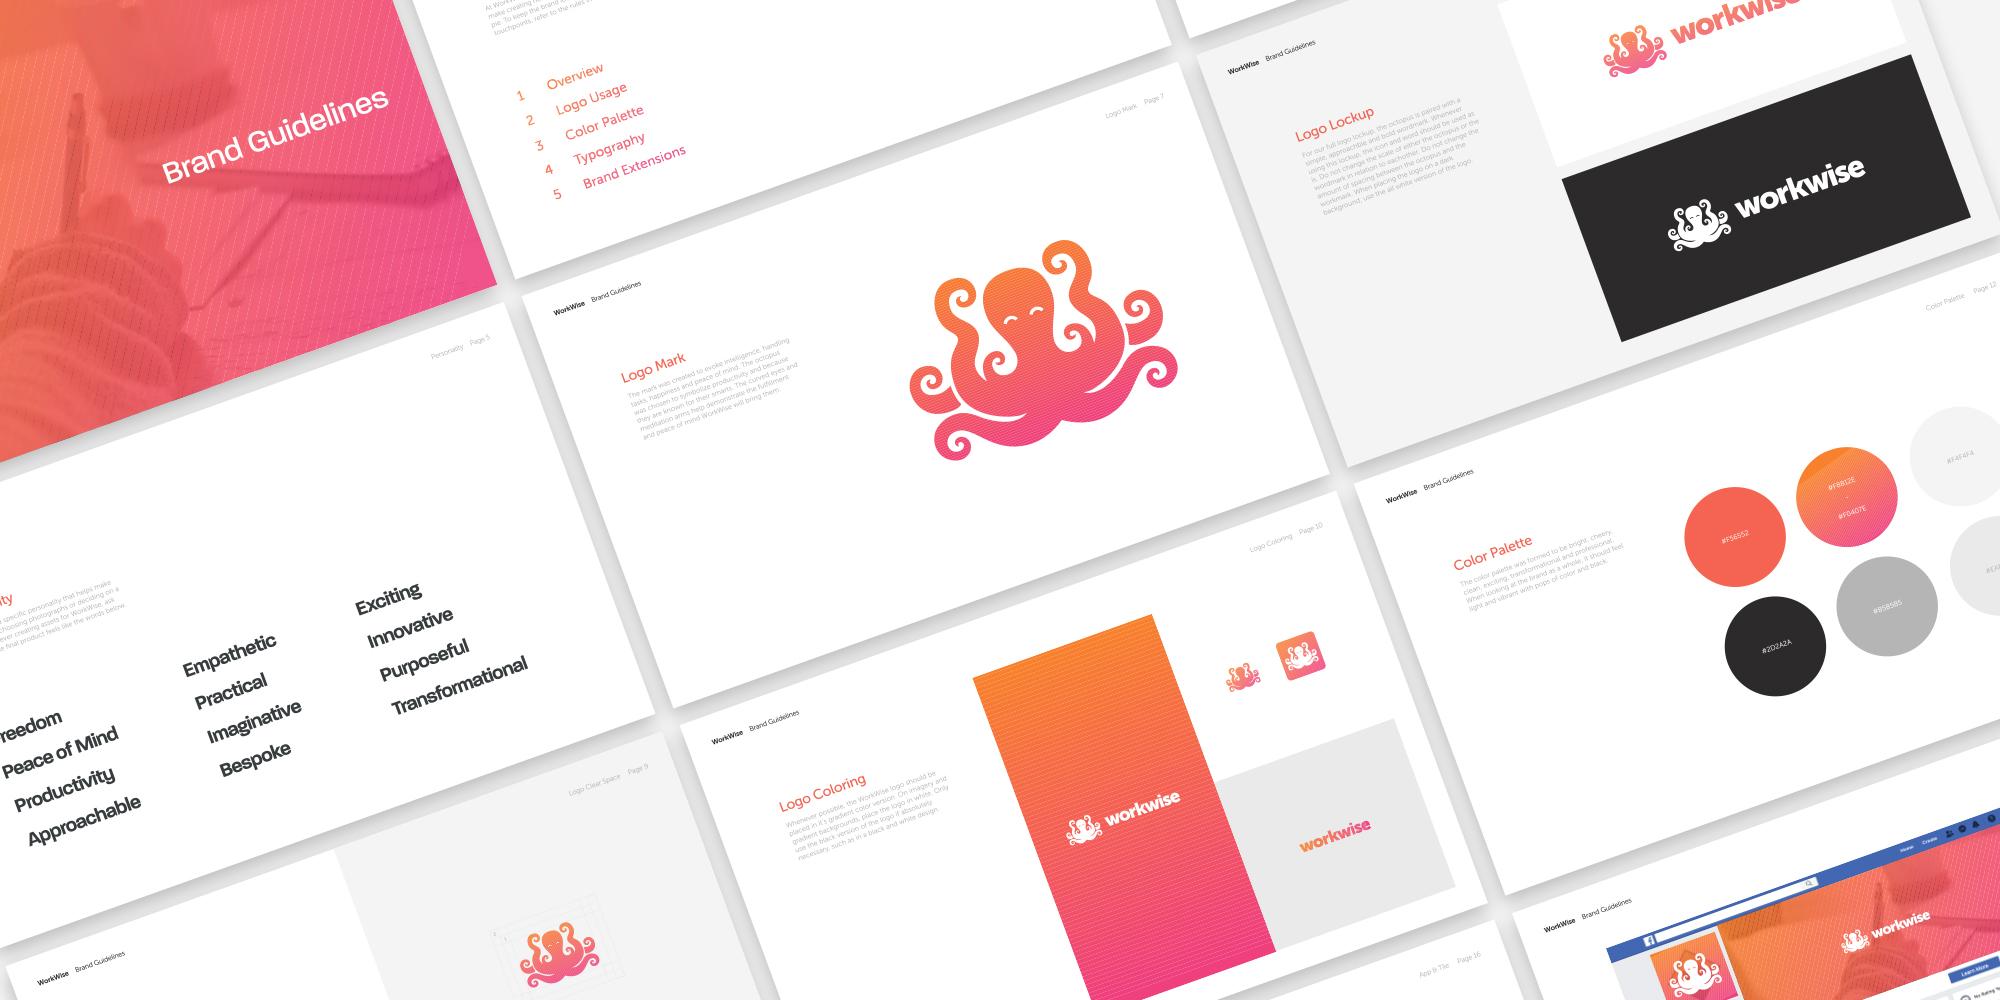 WorkWise_BrandGuidelines_JulieEckert_Design_It'sSuper.jpg